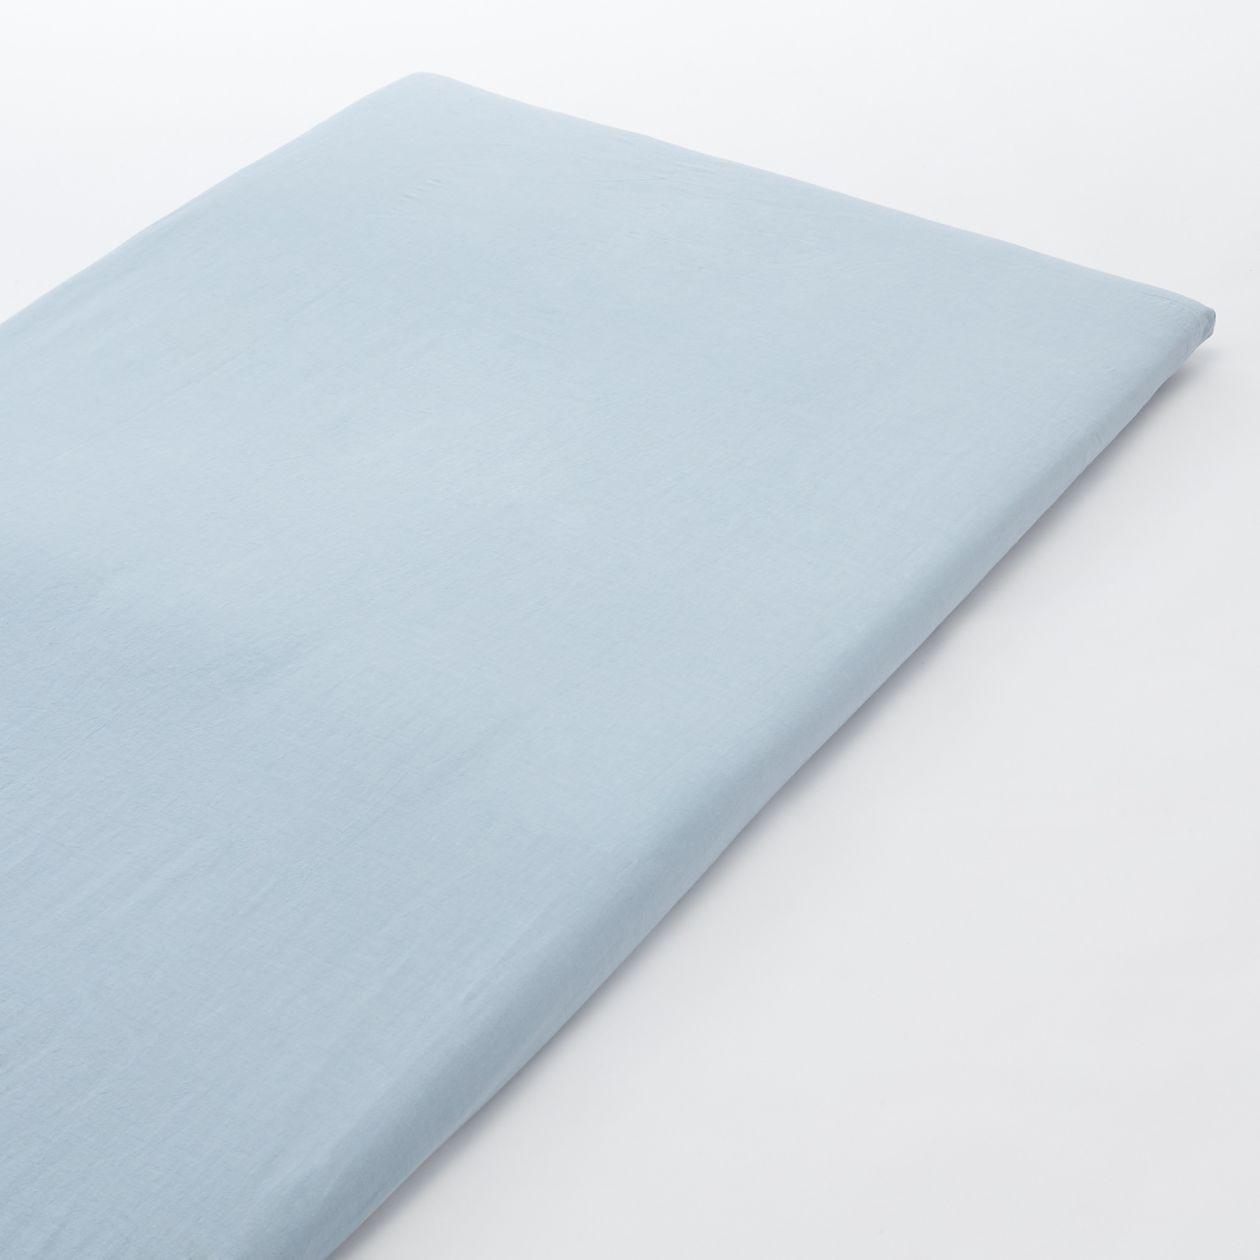 綿洗いざらし敷ふとんシーツ・ゴム付き・SD/ライトブルー